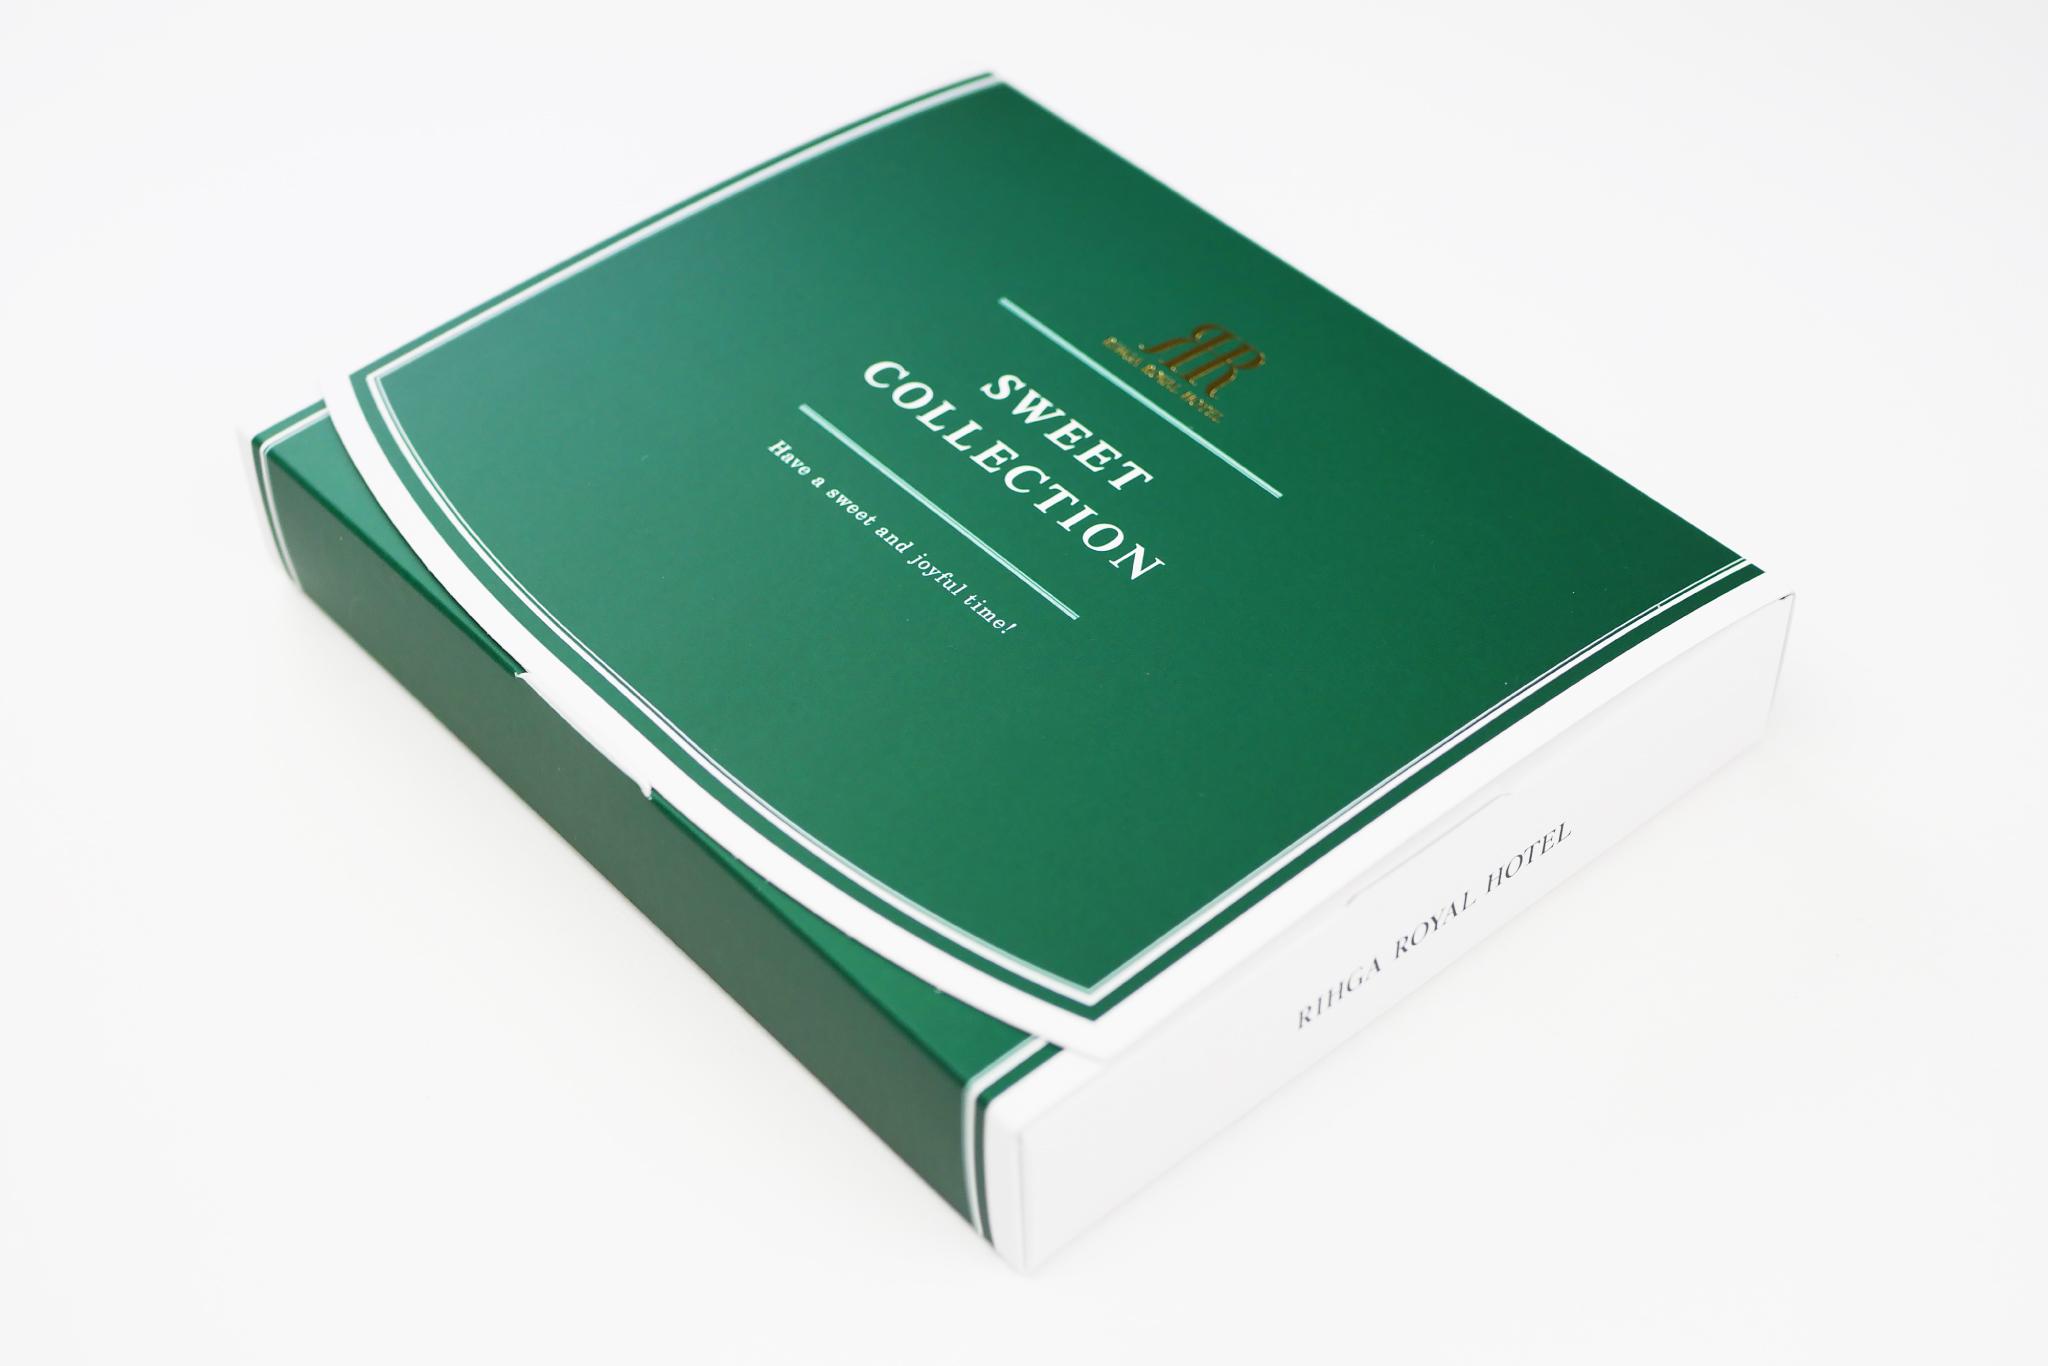 リーガロイヤルホテル様 オレンジ&ブラウニースティックケーキのパッケージの写真です